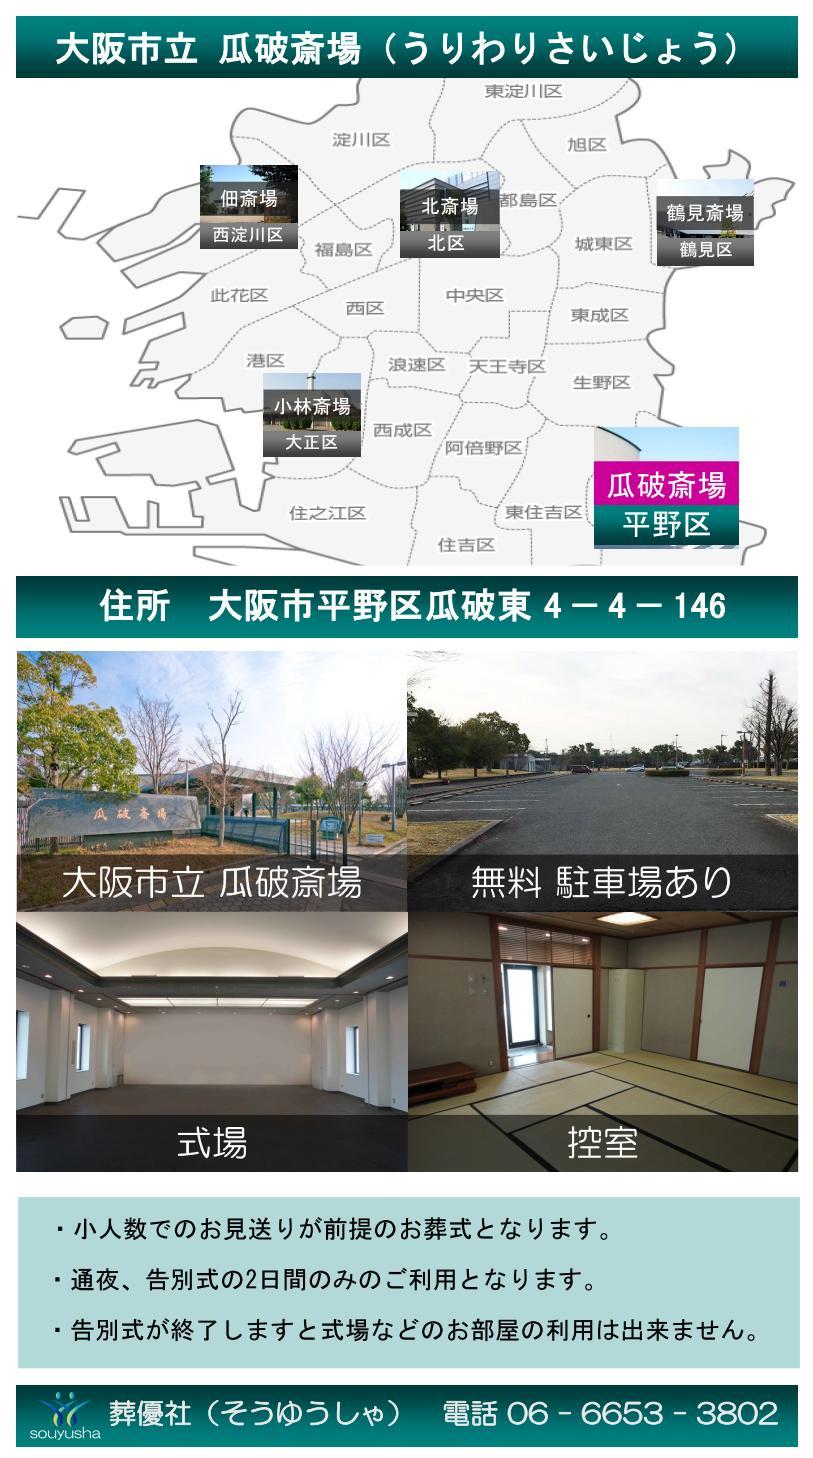 大阪市瓜破斎場は大阪市が運営する公営斎場のひとつです。火葬や葬儀がおこなえる市営斎場となります。